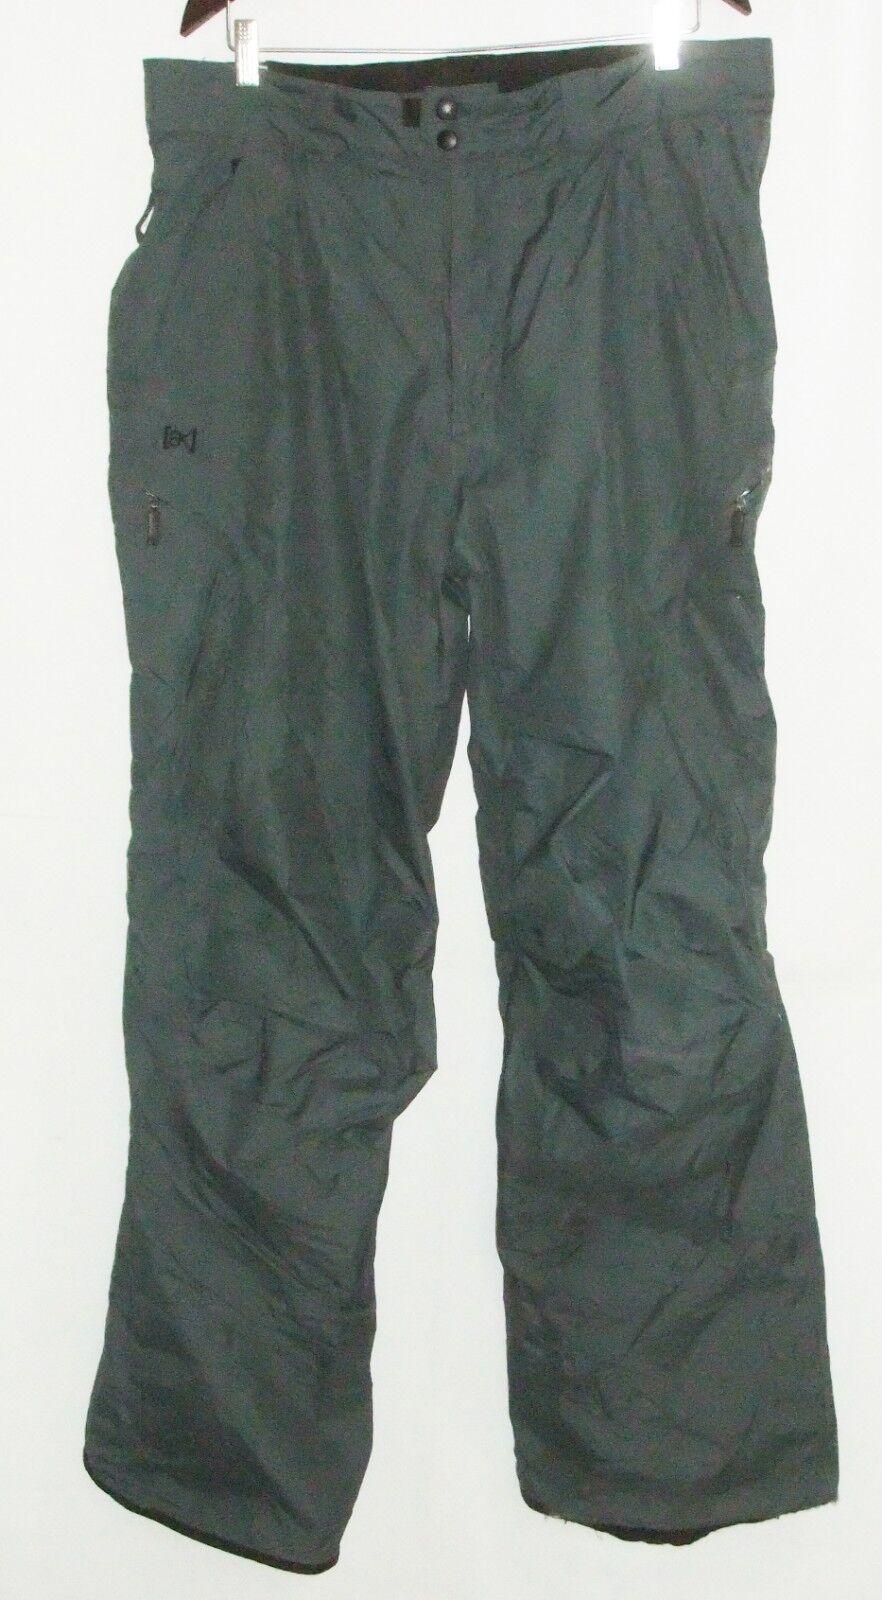 BURTON [AK] Gore-Tex Ski Snowboard Pants Size XL